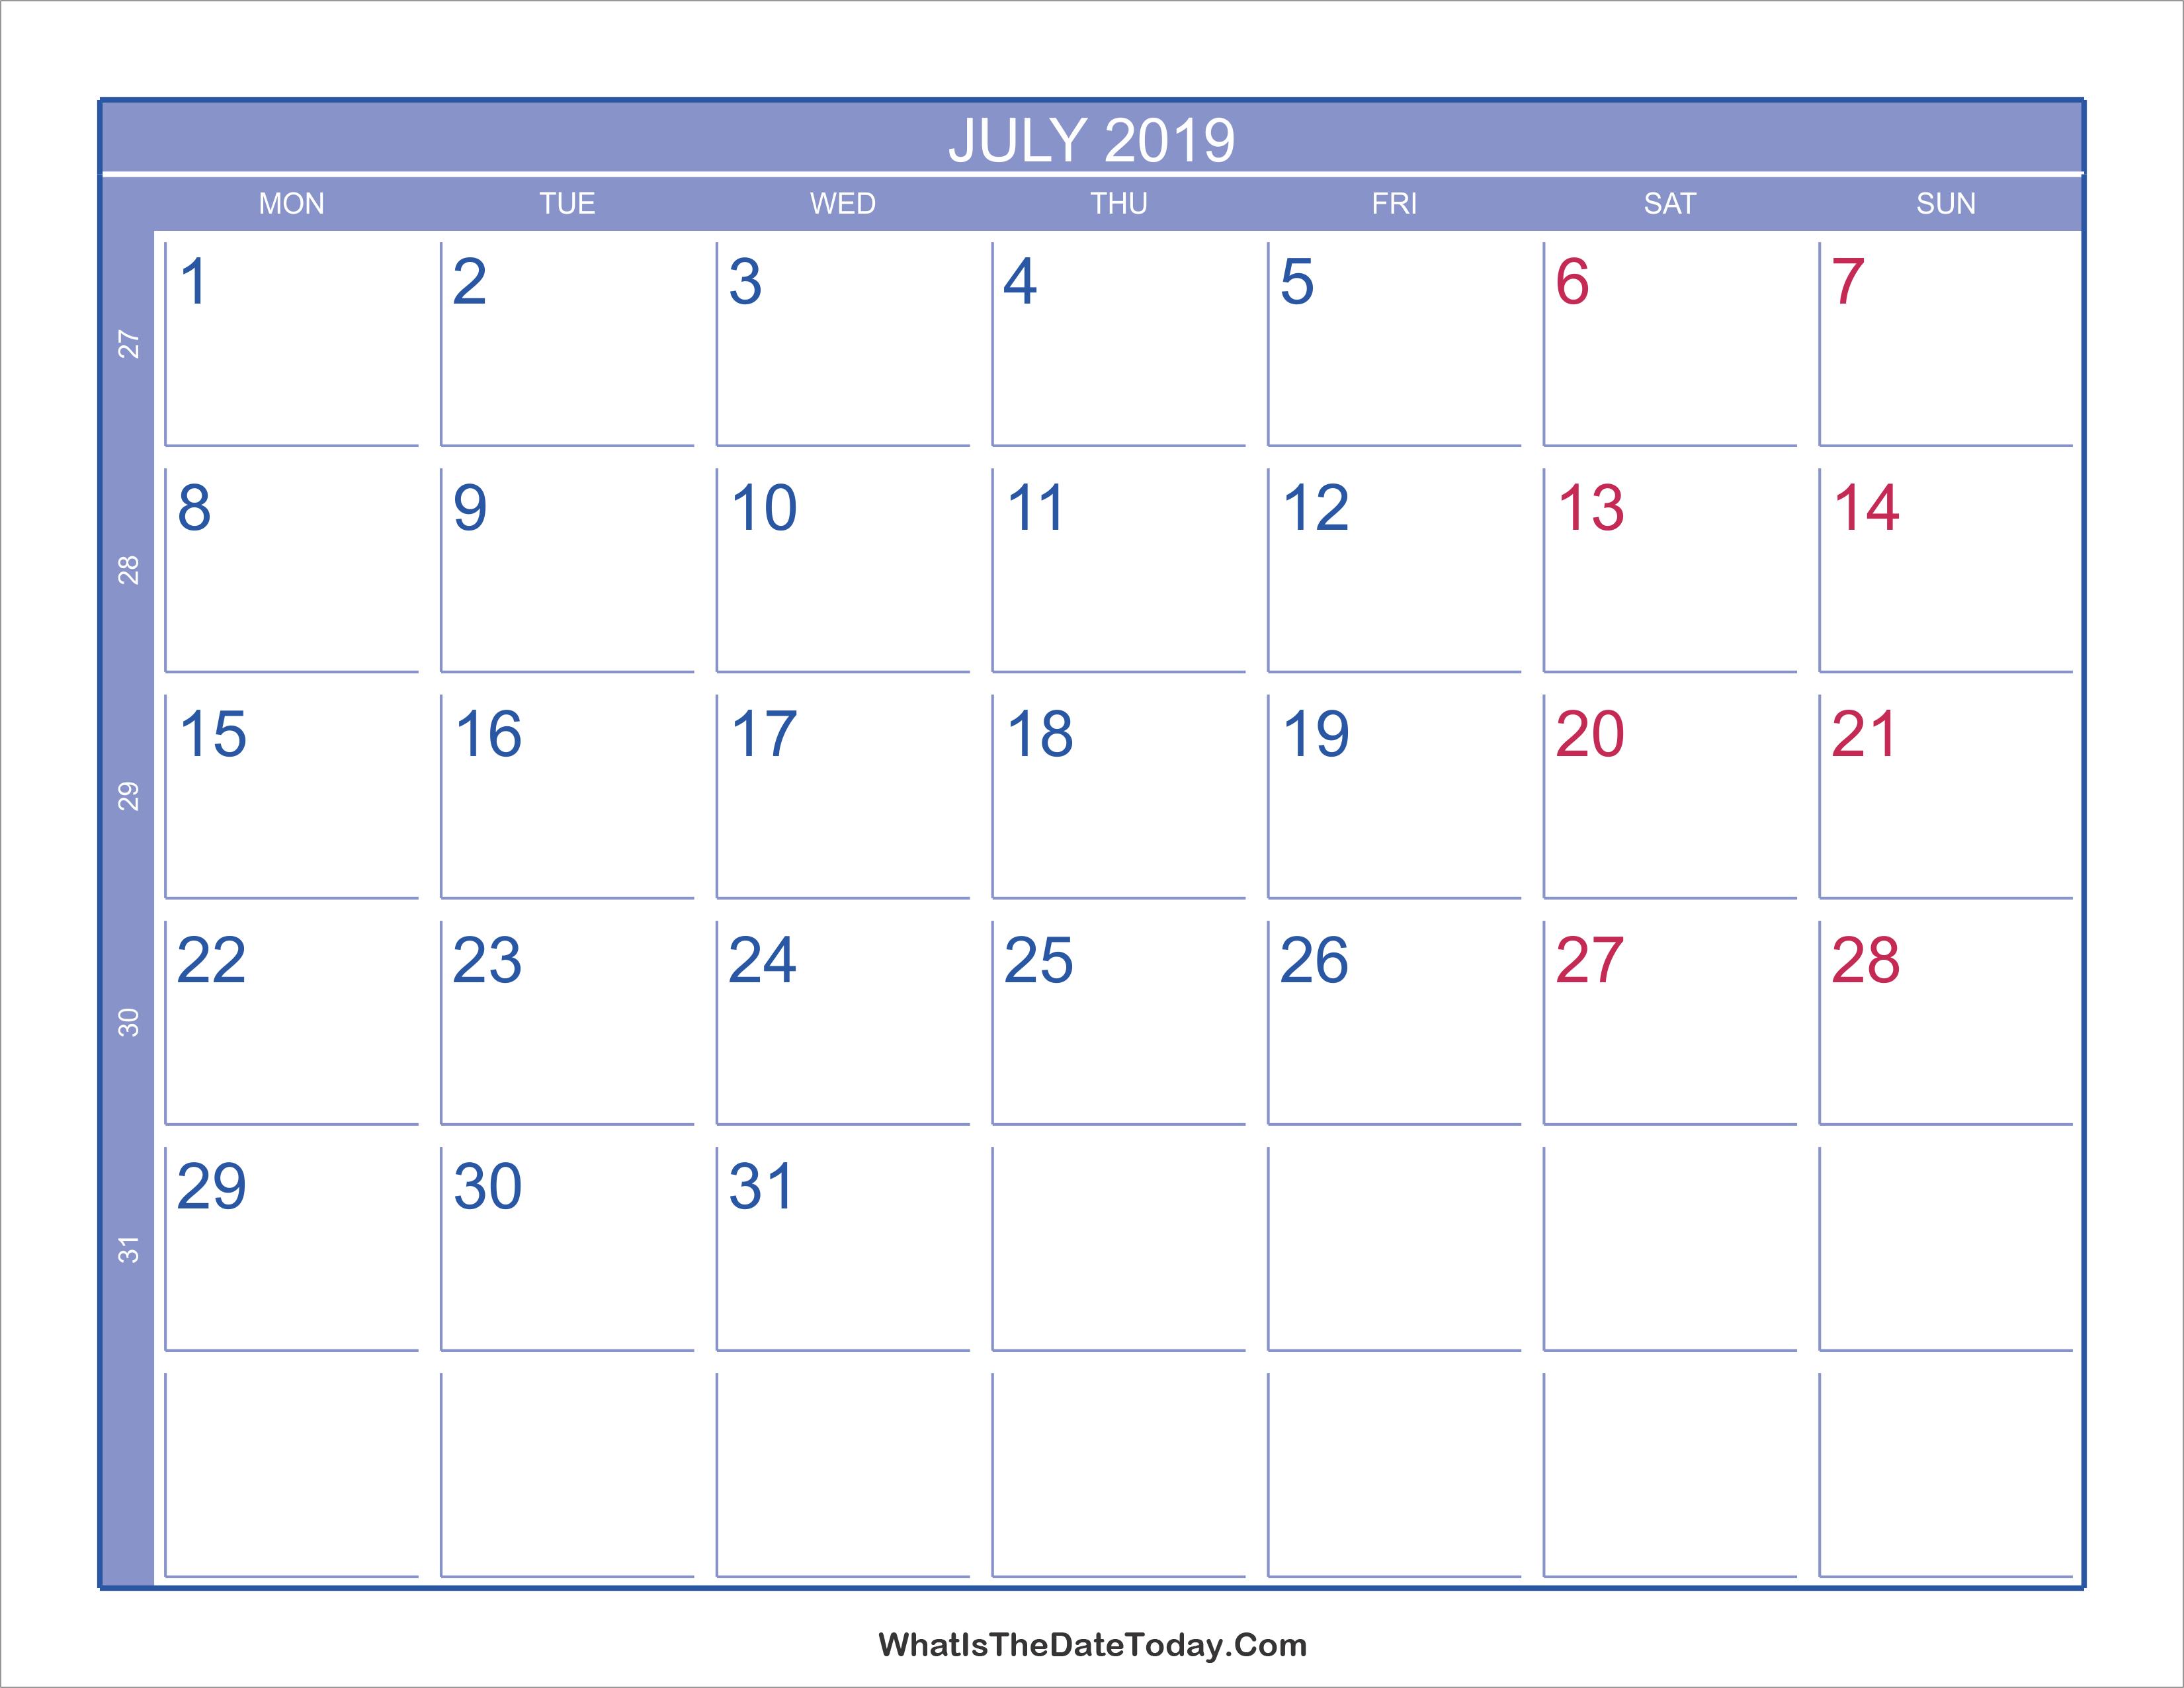 2019 july calendar with week numbers